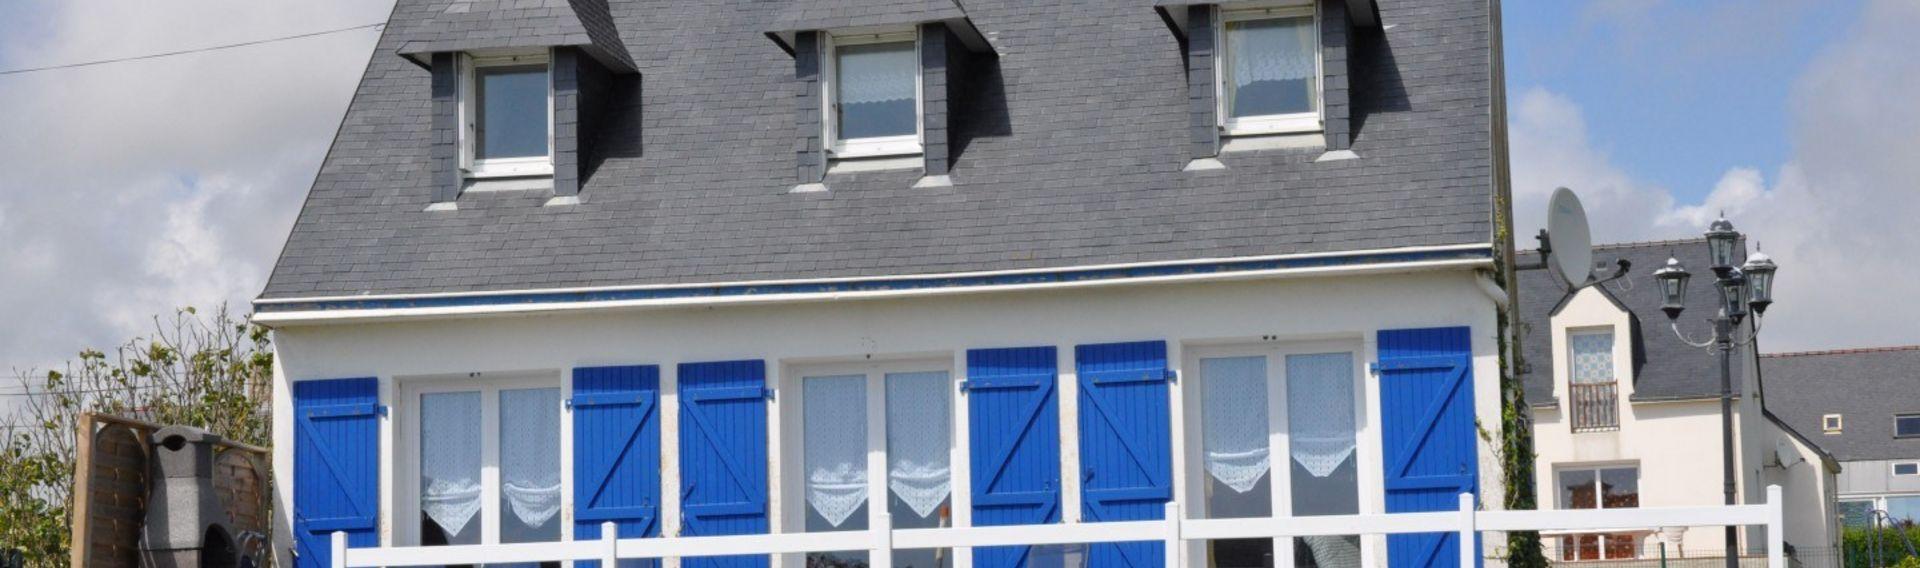 Ferienhaus Bretagne mit Hund und Meerblick inklusive